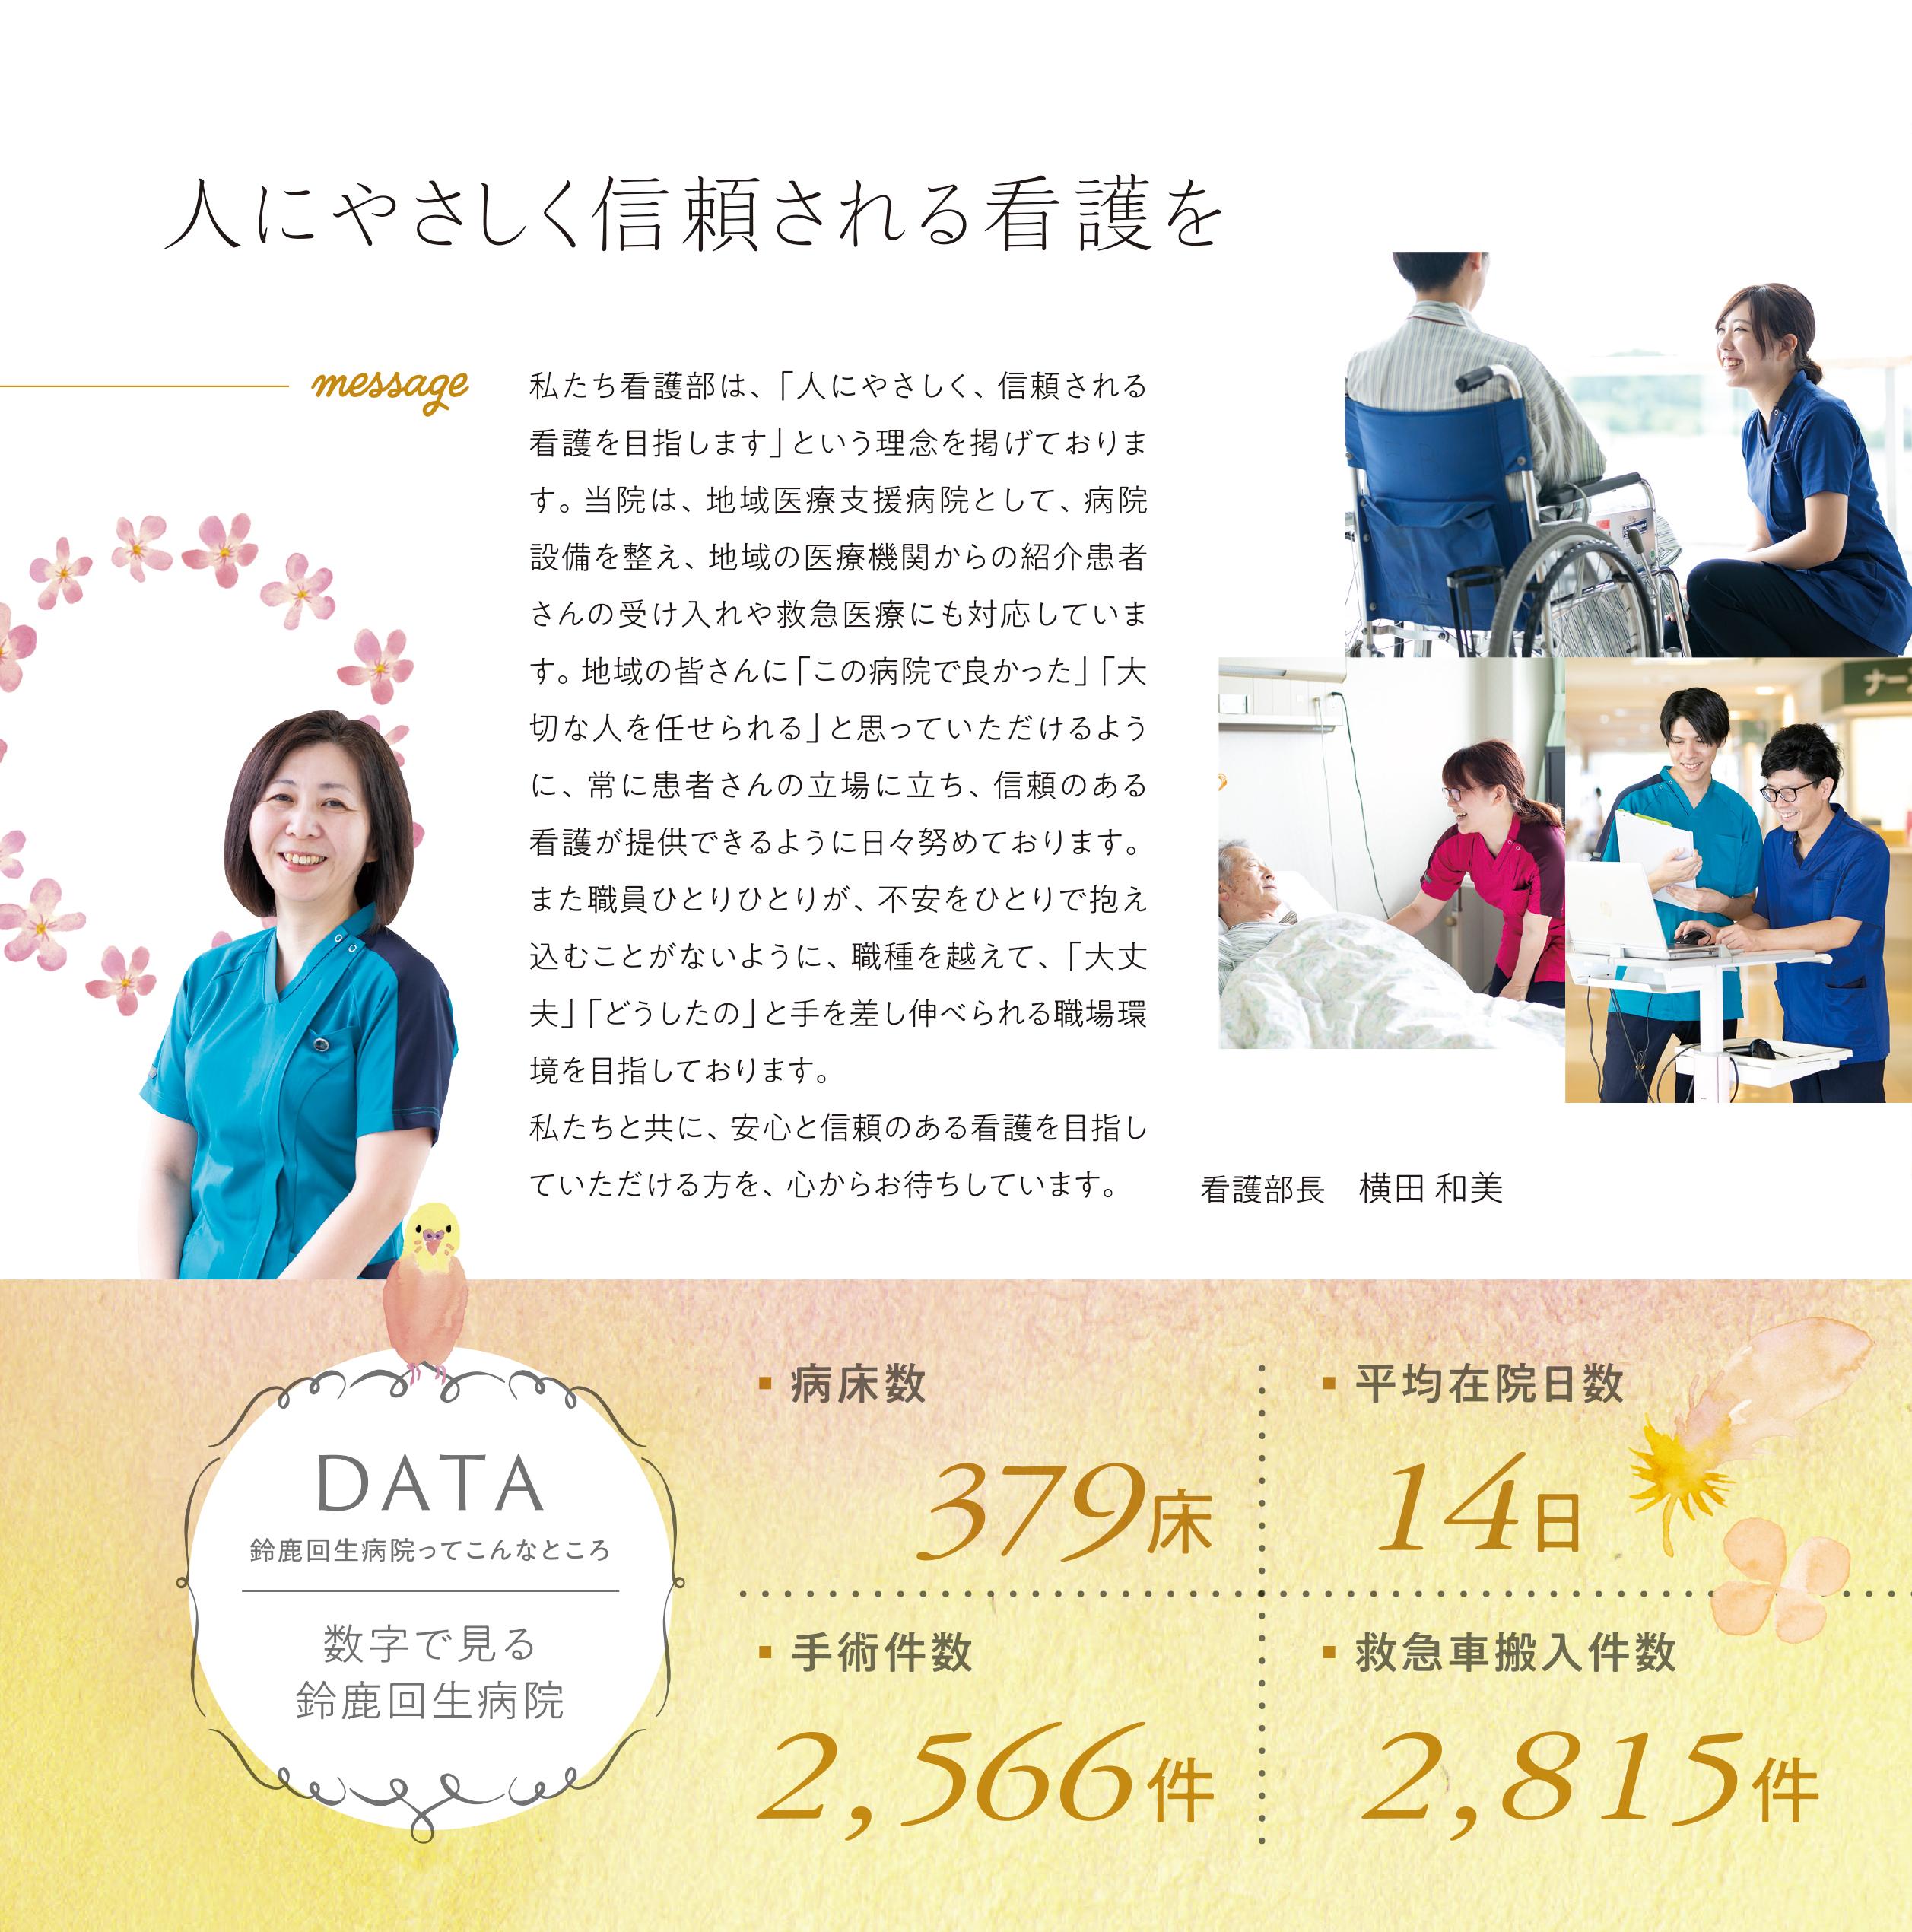 2019年9月作成「鈴鹿回生病院」看護部パンフレット_サブ画像